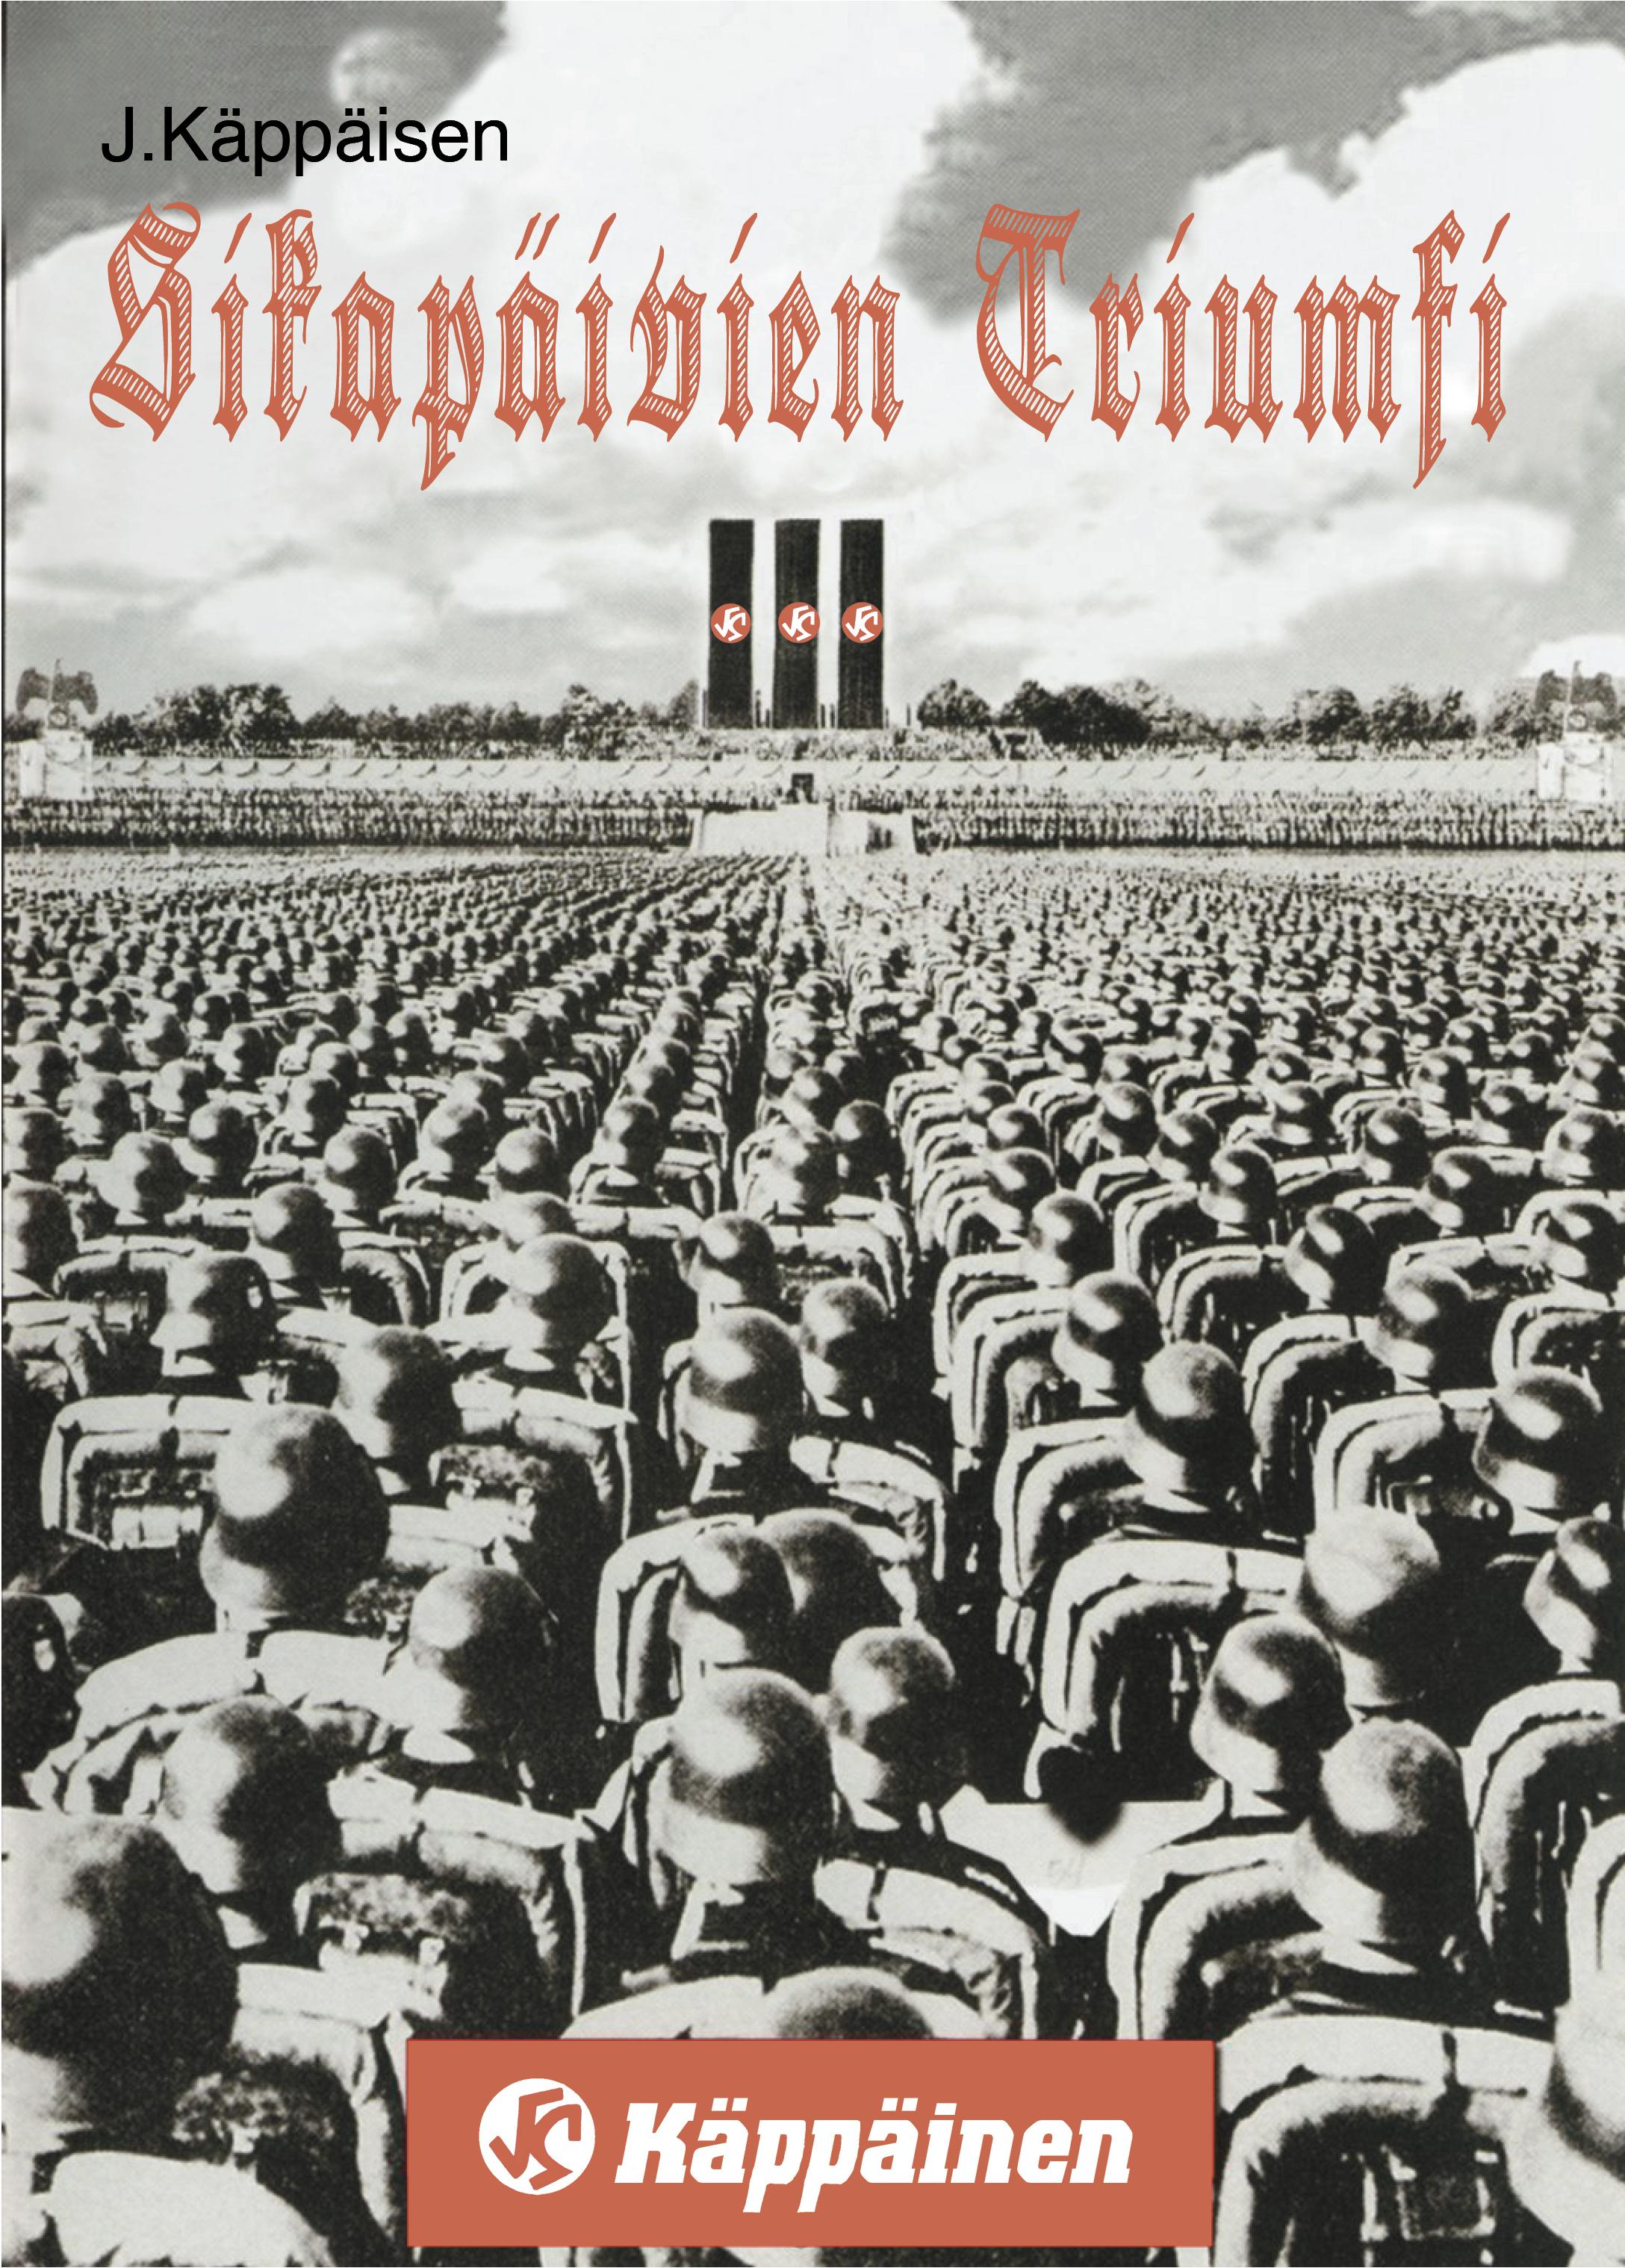 Leni Riefenstahl suunnitteli kampanjajulisteen tavaratalo Käppäisen pyynnöstä. Only for you my friend. #käppäinen #siegfail #waitpower